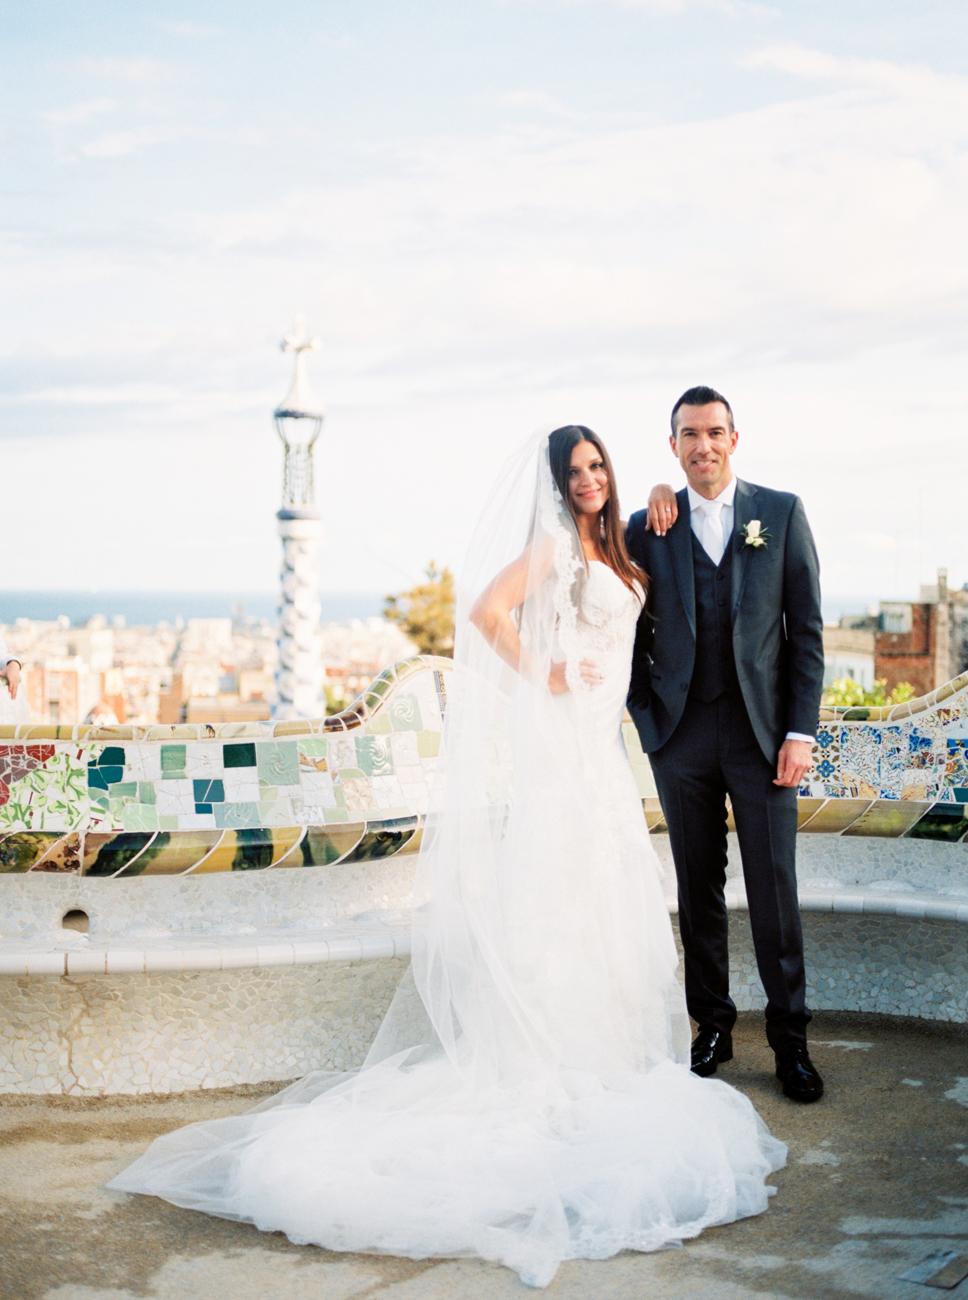 DennisRoyCoronel_Barcelona_Wedding-54.jpg